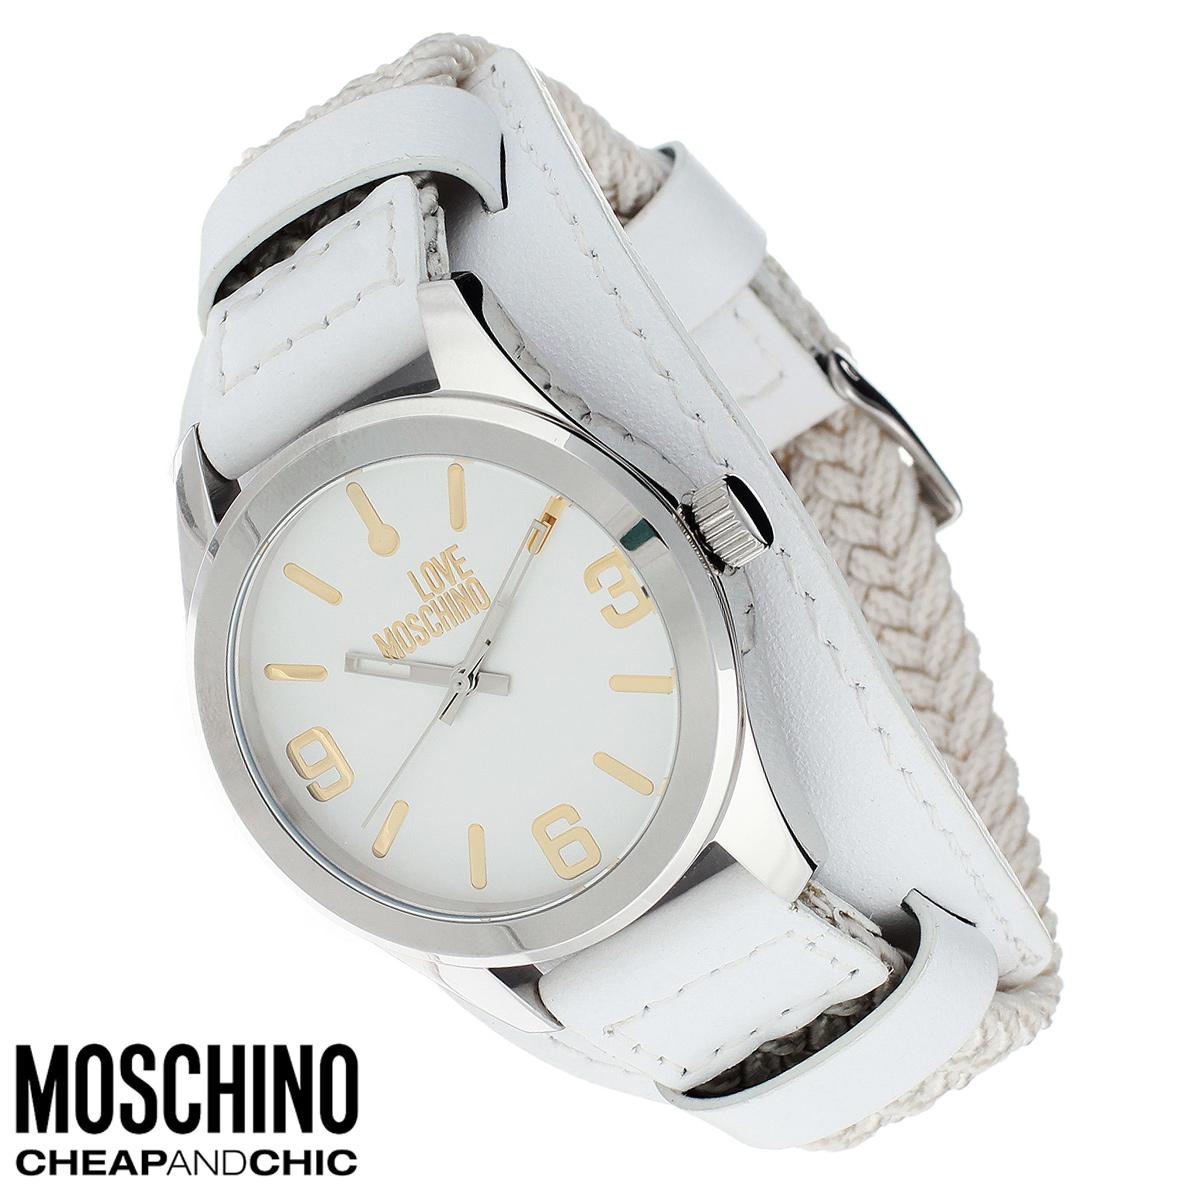 Часы женские наручные Moschino, цвет: белый, серебристый. MW0415BM8241-01EEНаручные часы от известного итальянского бренда Moschino - это не только стильный и функциональный аксессуар, но и современные технологи, сочетающиеся с экстравагантным дизайном и индивидуальностью. Часы Moschino оснащены кварцевым механизмом. Корпус выполнен из высококачественной нержавеющей стали. Циферблат с отметками и арабскими цифрами оформлен надписью Love Moschino и защищен минеральным стеклом. Часы имеют три стрелки - часовую, минутную и секундную. Текстильный плетеный ремешок часов с элементами из натуральной кожи имеет классическую застежку. Часы упакованы в фирменную металлическую коробку с логотипом бренда. Часы Moschino благодаря своему уникальному дизайну отличаются от часов других марок своеобразными циферблатами, функциональностью, а также набором уникальных технических свойств.Каждой модели присуща легкая экстравагантность, самобытность и, безусловно, великолепный вкус. Характеристики:Диаметр циферблата: 3 см.Размер корпуса: 3,7 см х 4,5 см х 1 см.Длина ремешка (с корпусом): 24 см.Ширина ремешка: 2 см.